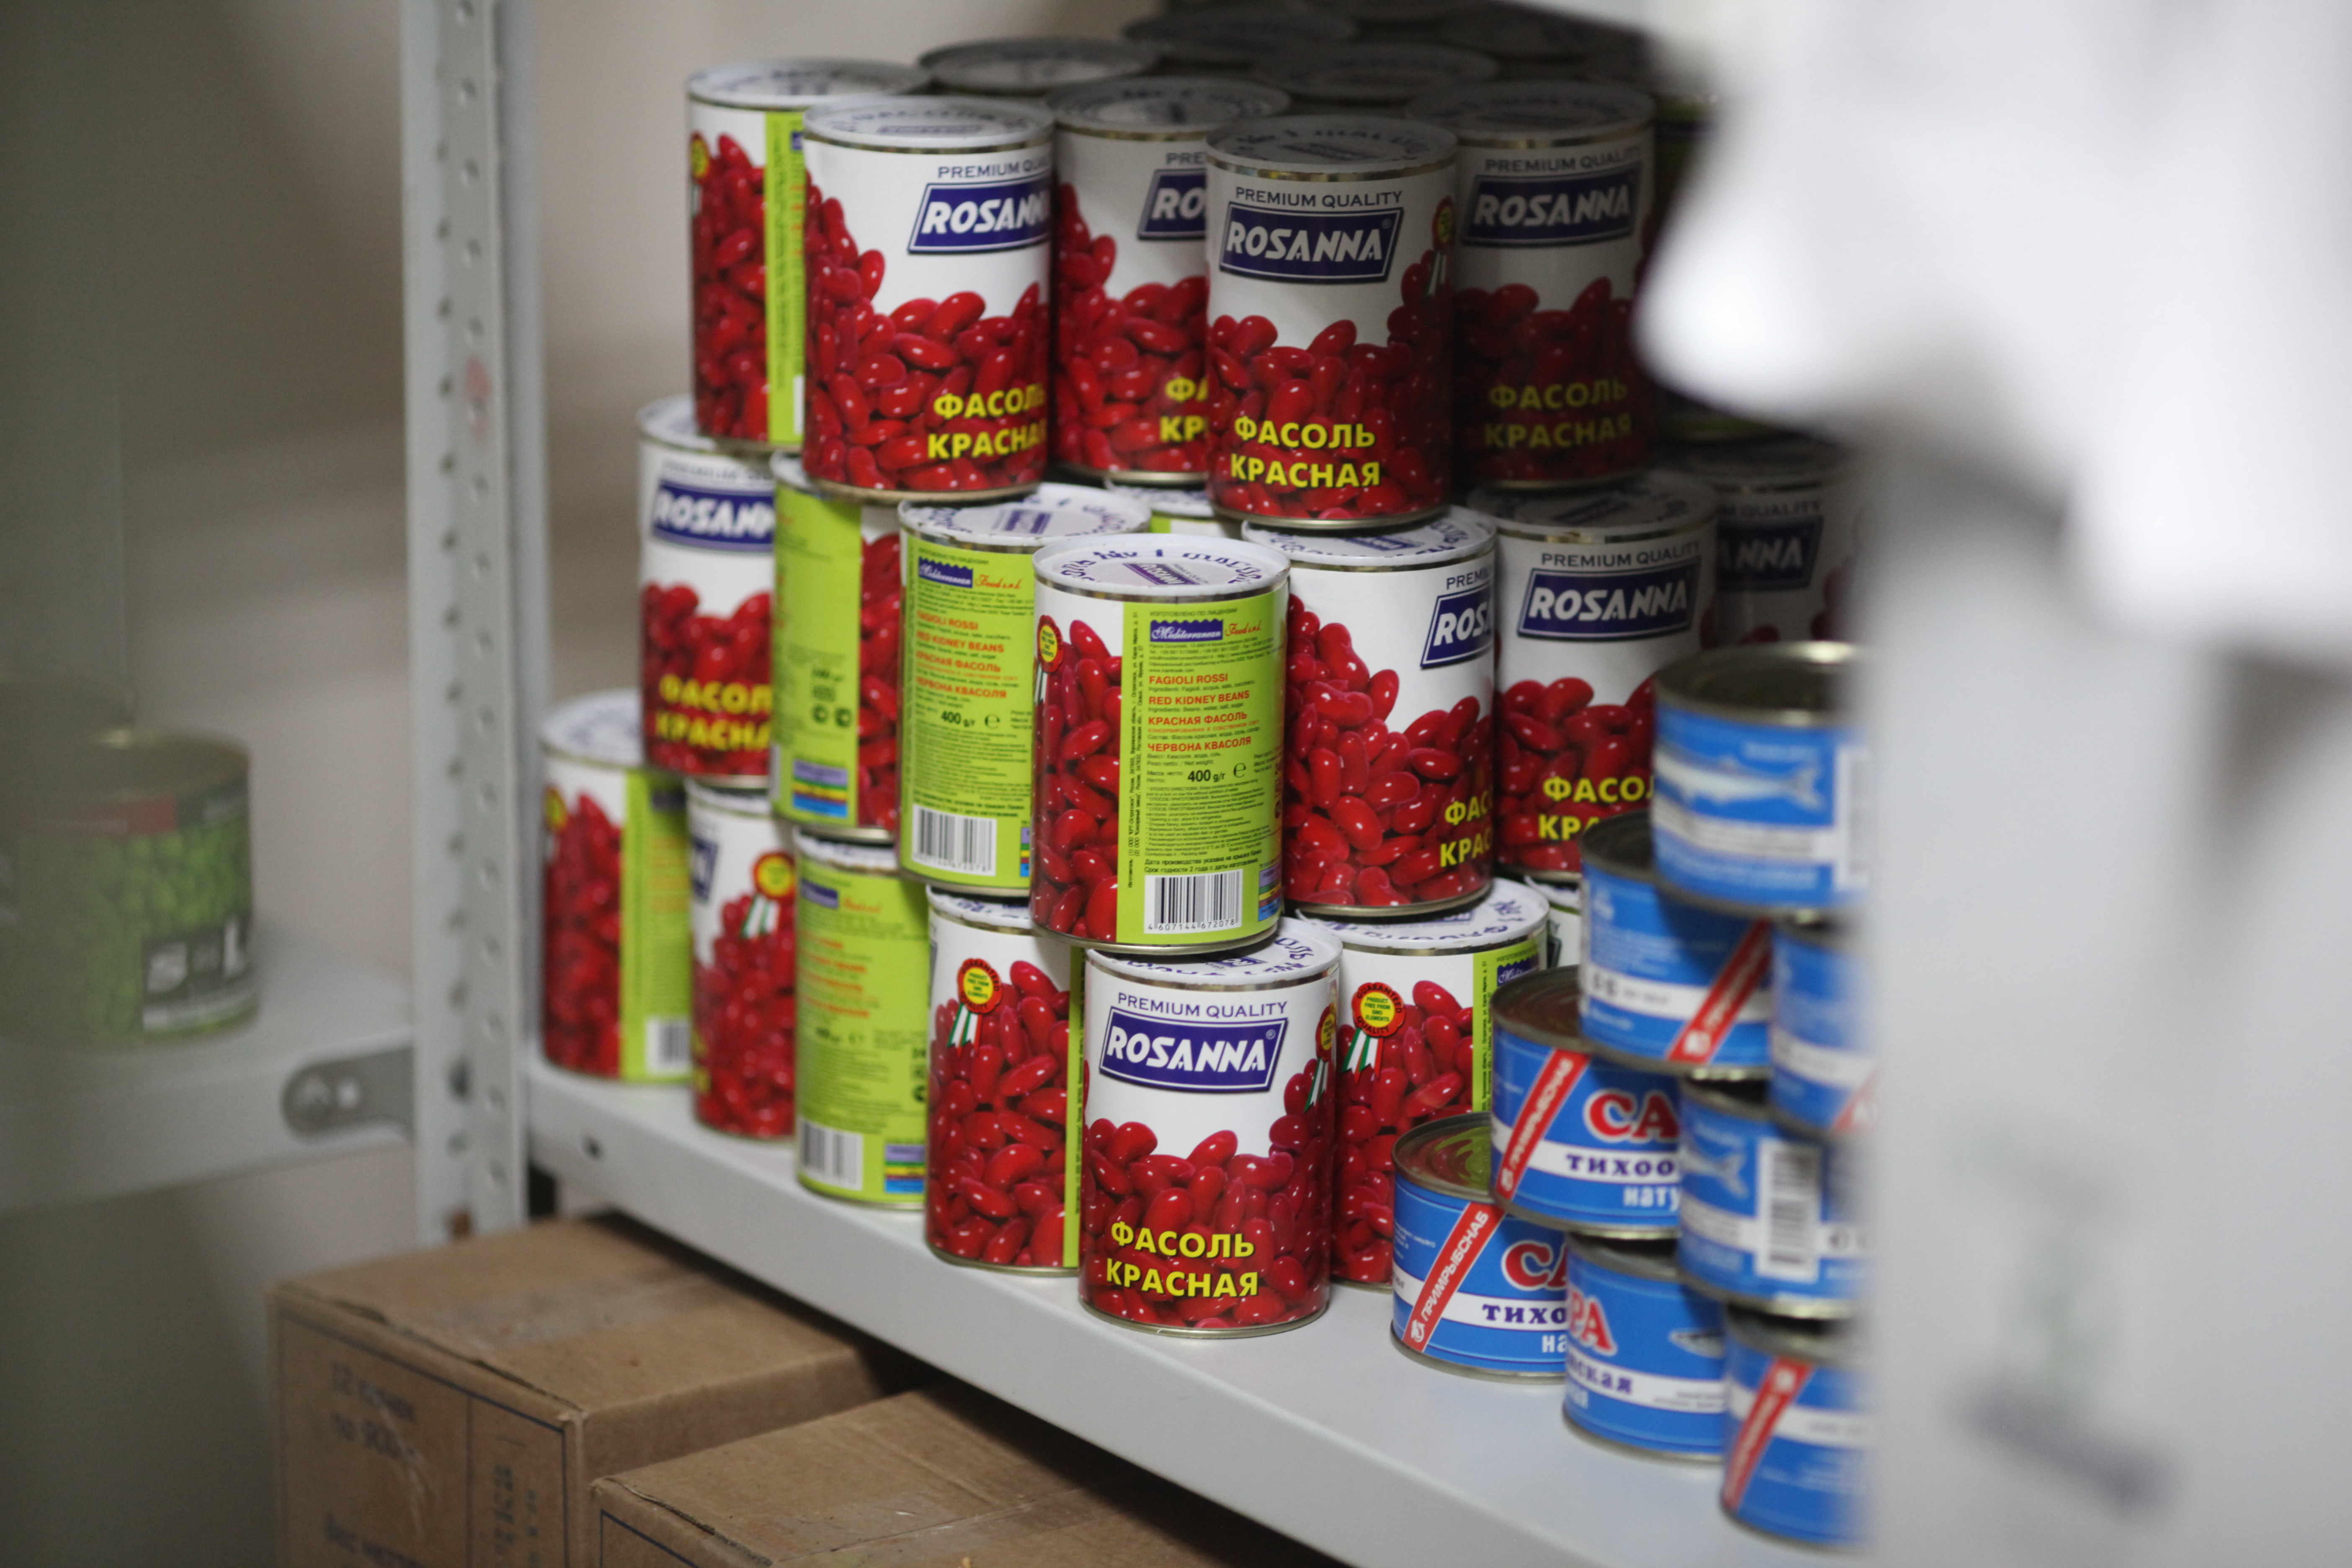 Продолжается сбор продуктов питания и средств гигиены при храме в Новокосино